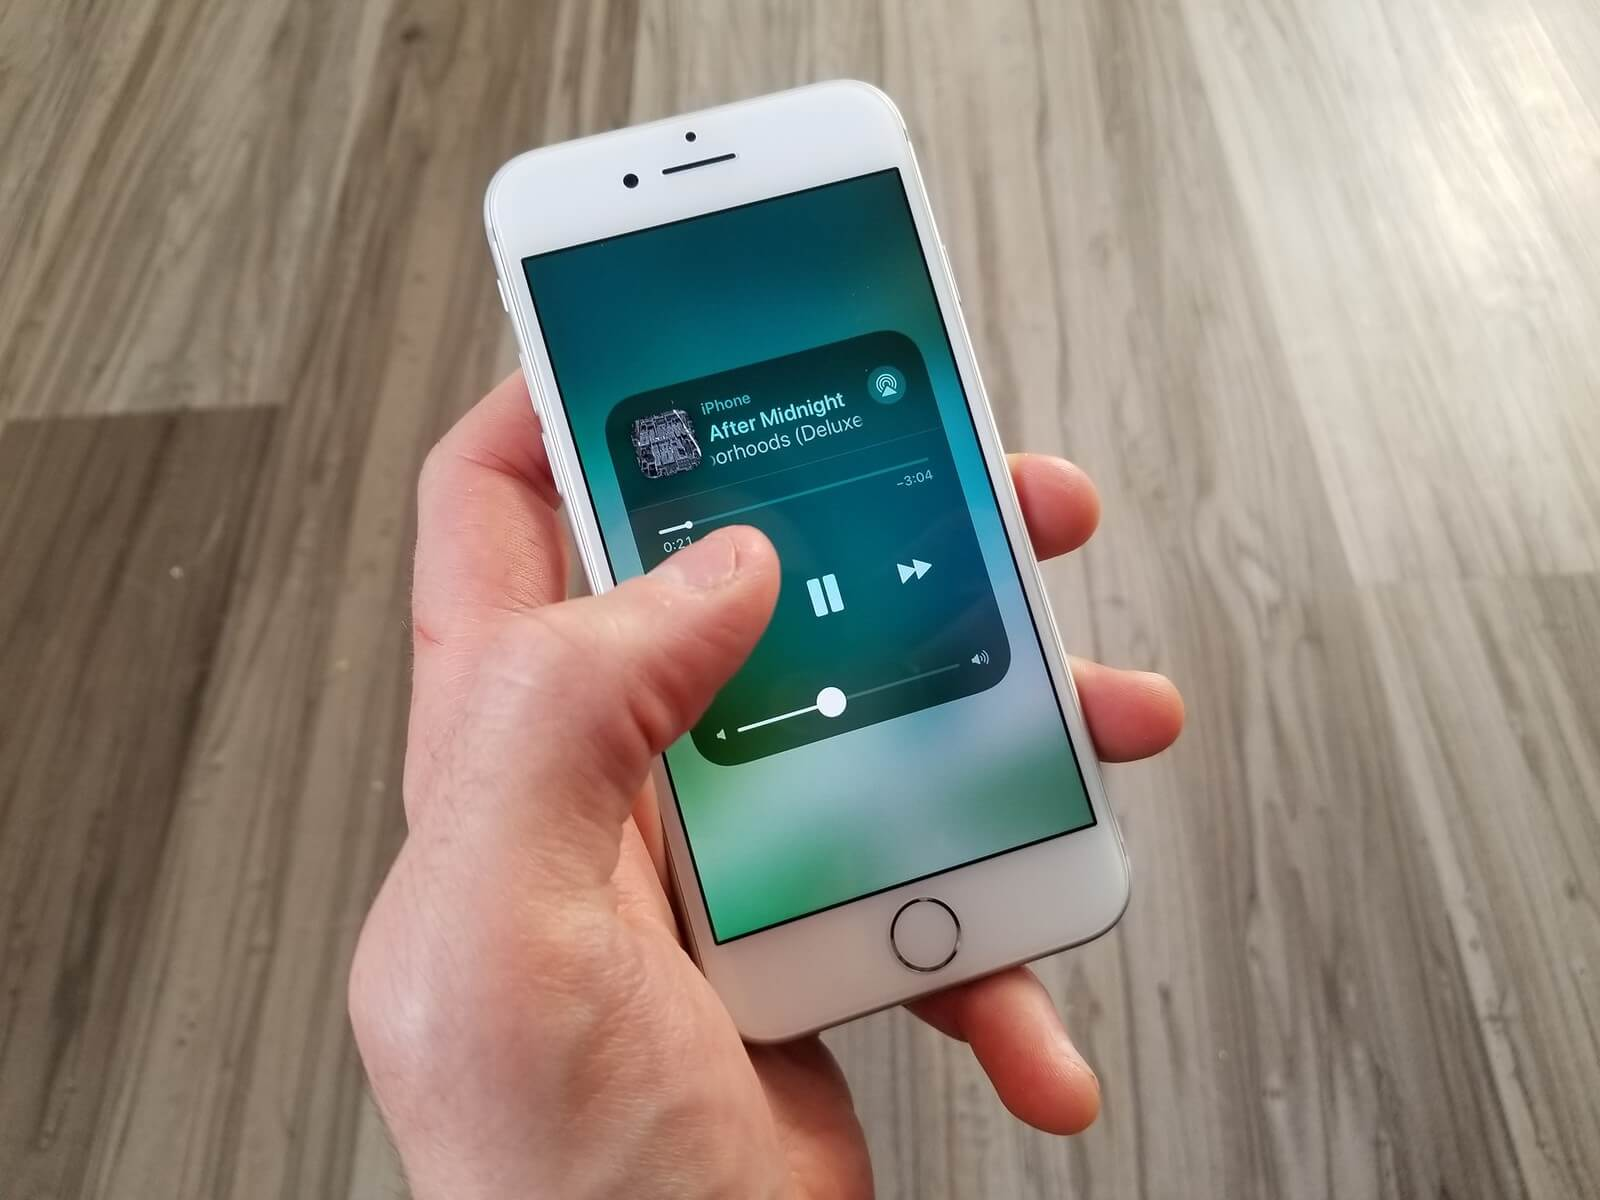 iPhone: conheça todos os botões da Central de Controle do iOS